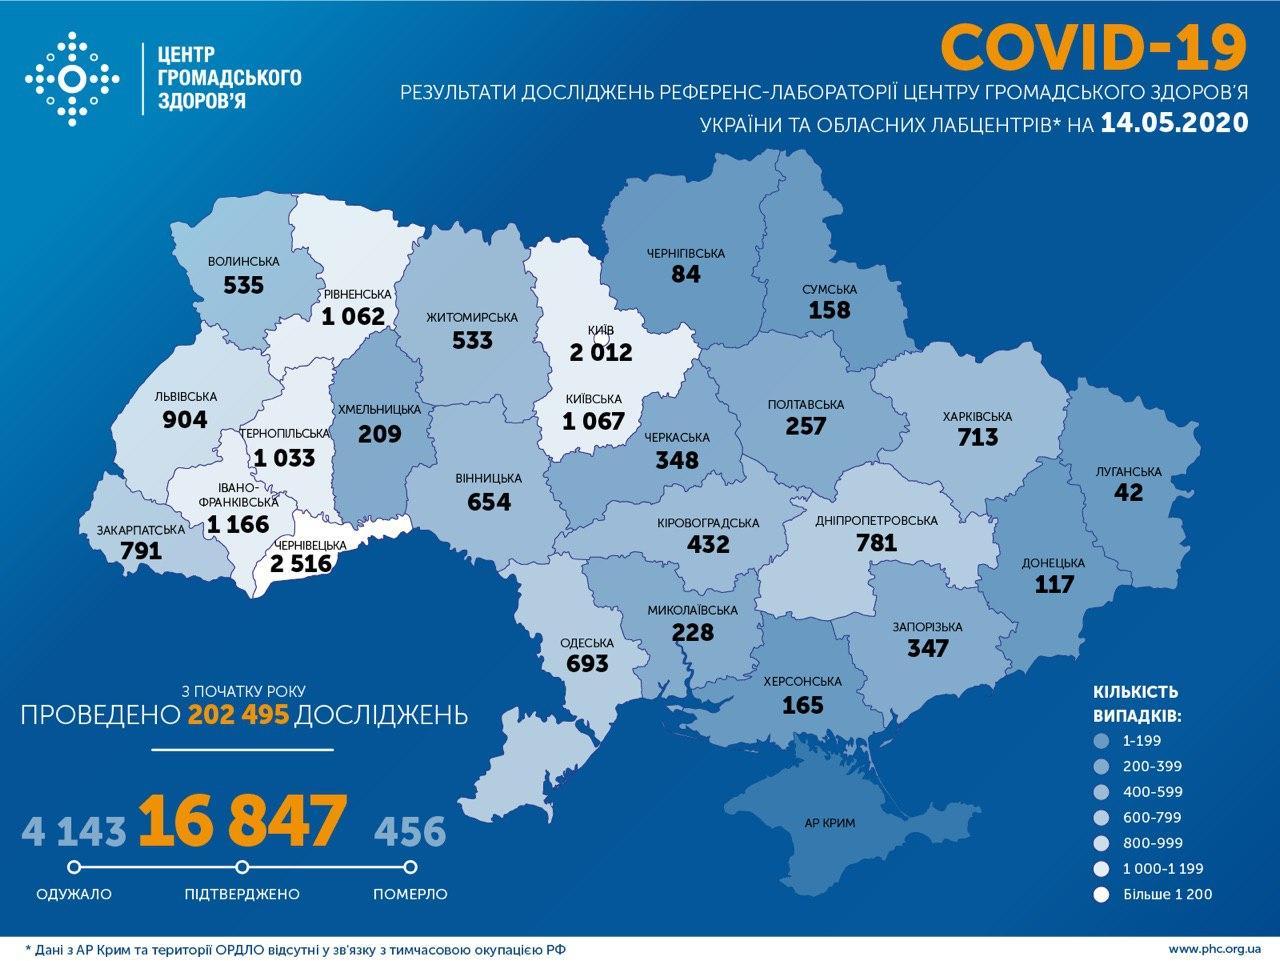 В Україні підтвердили 16847 випадків COVID-19